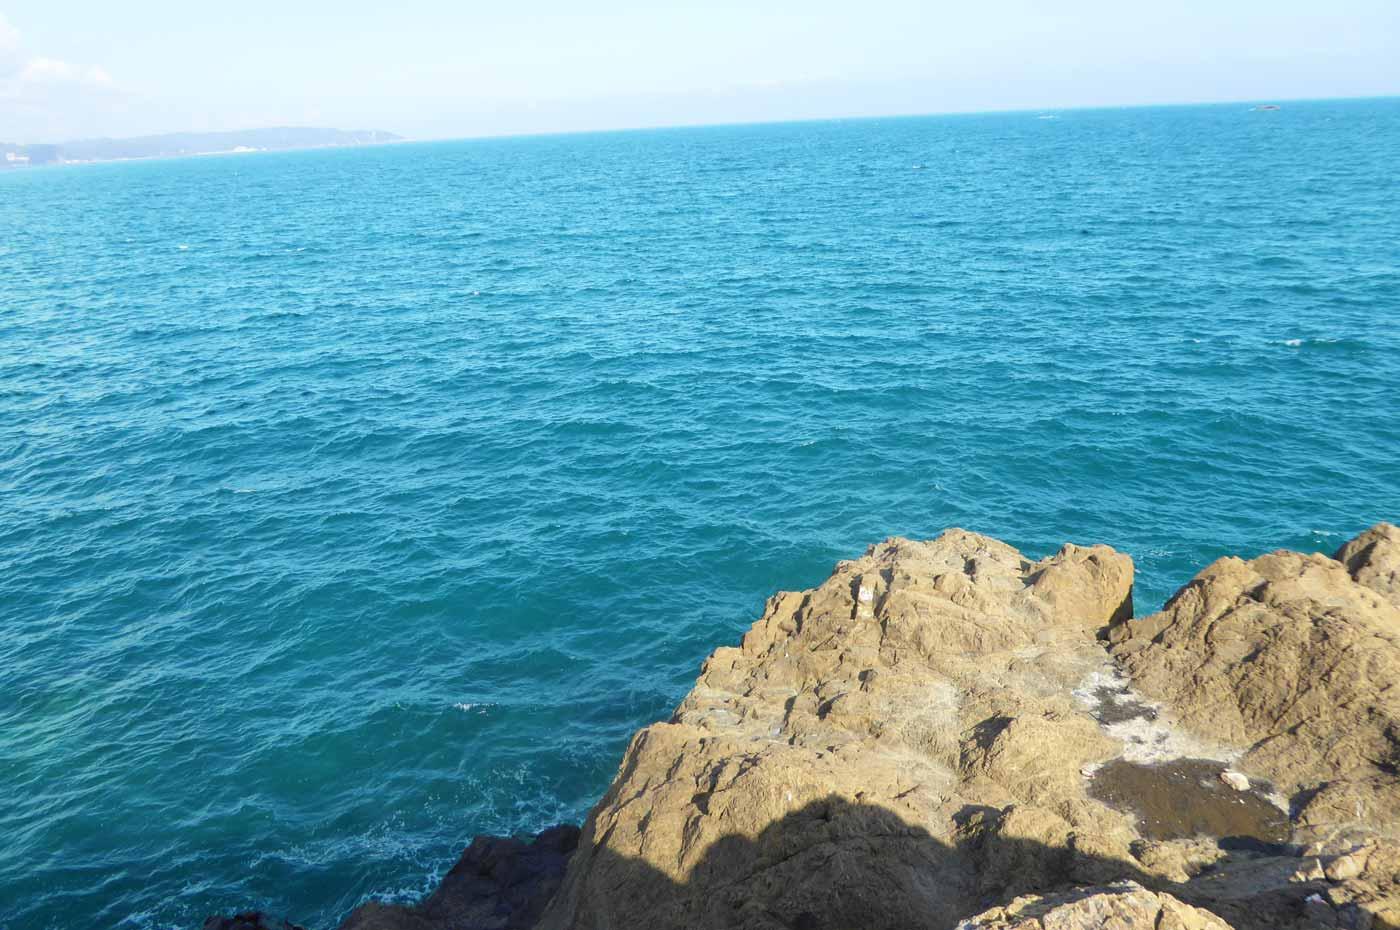 灯台島右側の釣り場